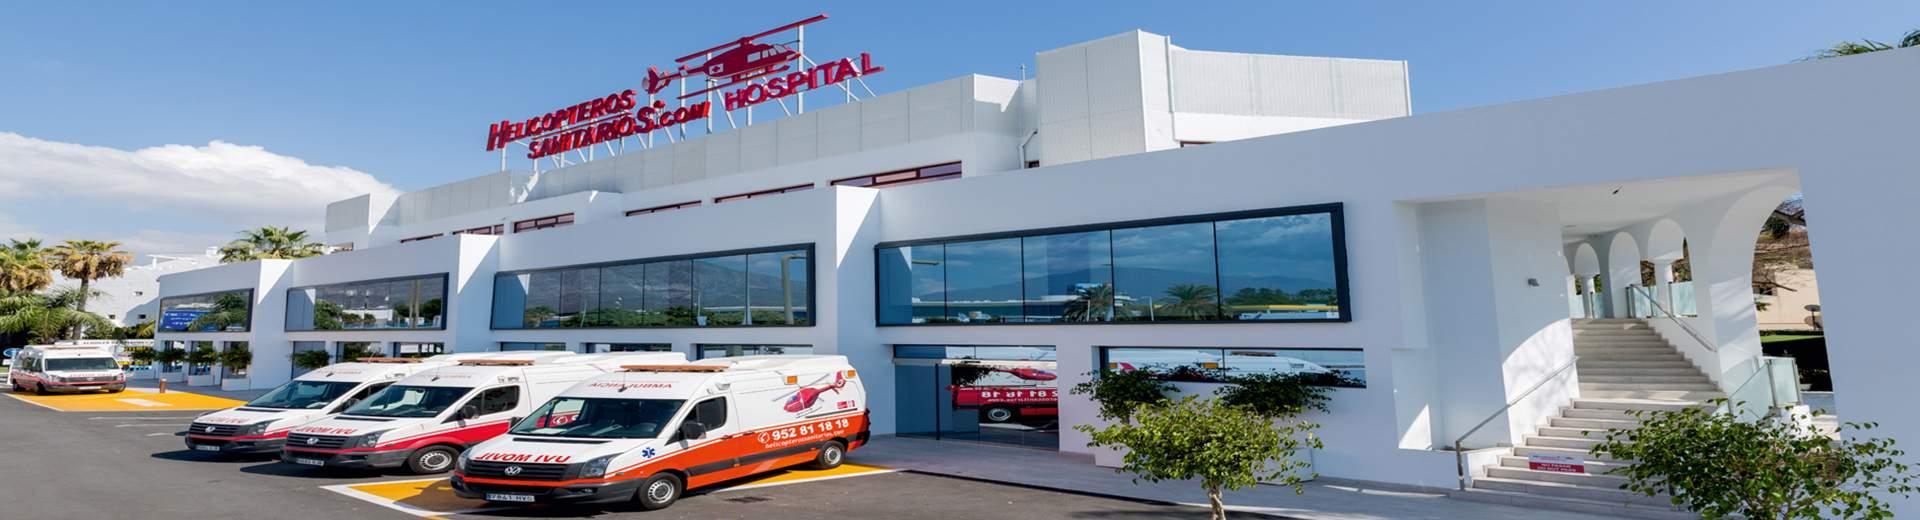 Helicopteros Sanitarios Marbella S